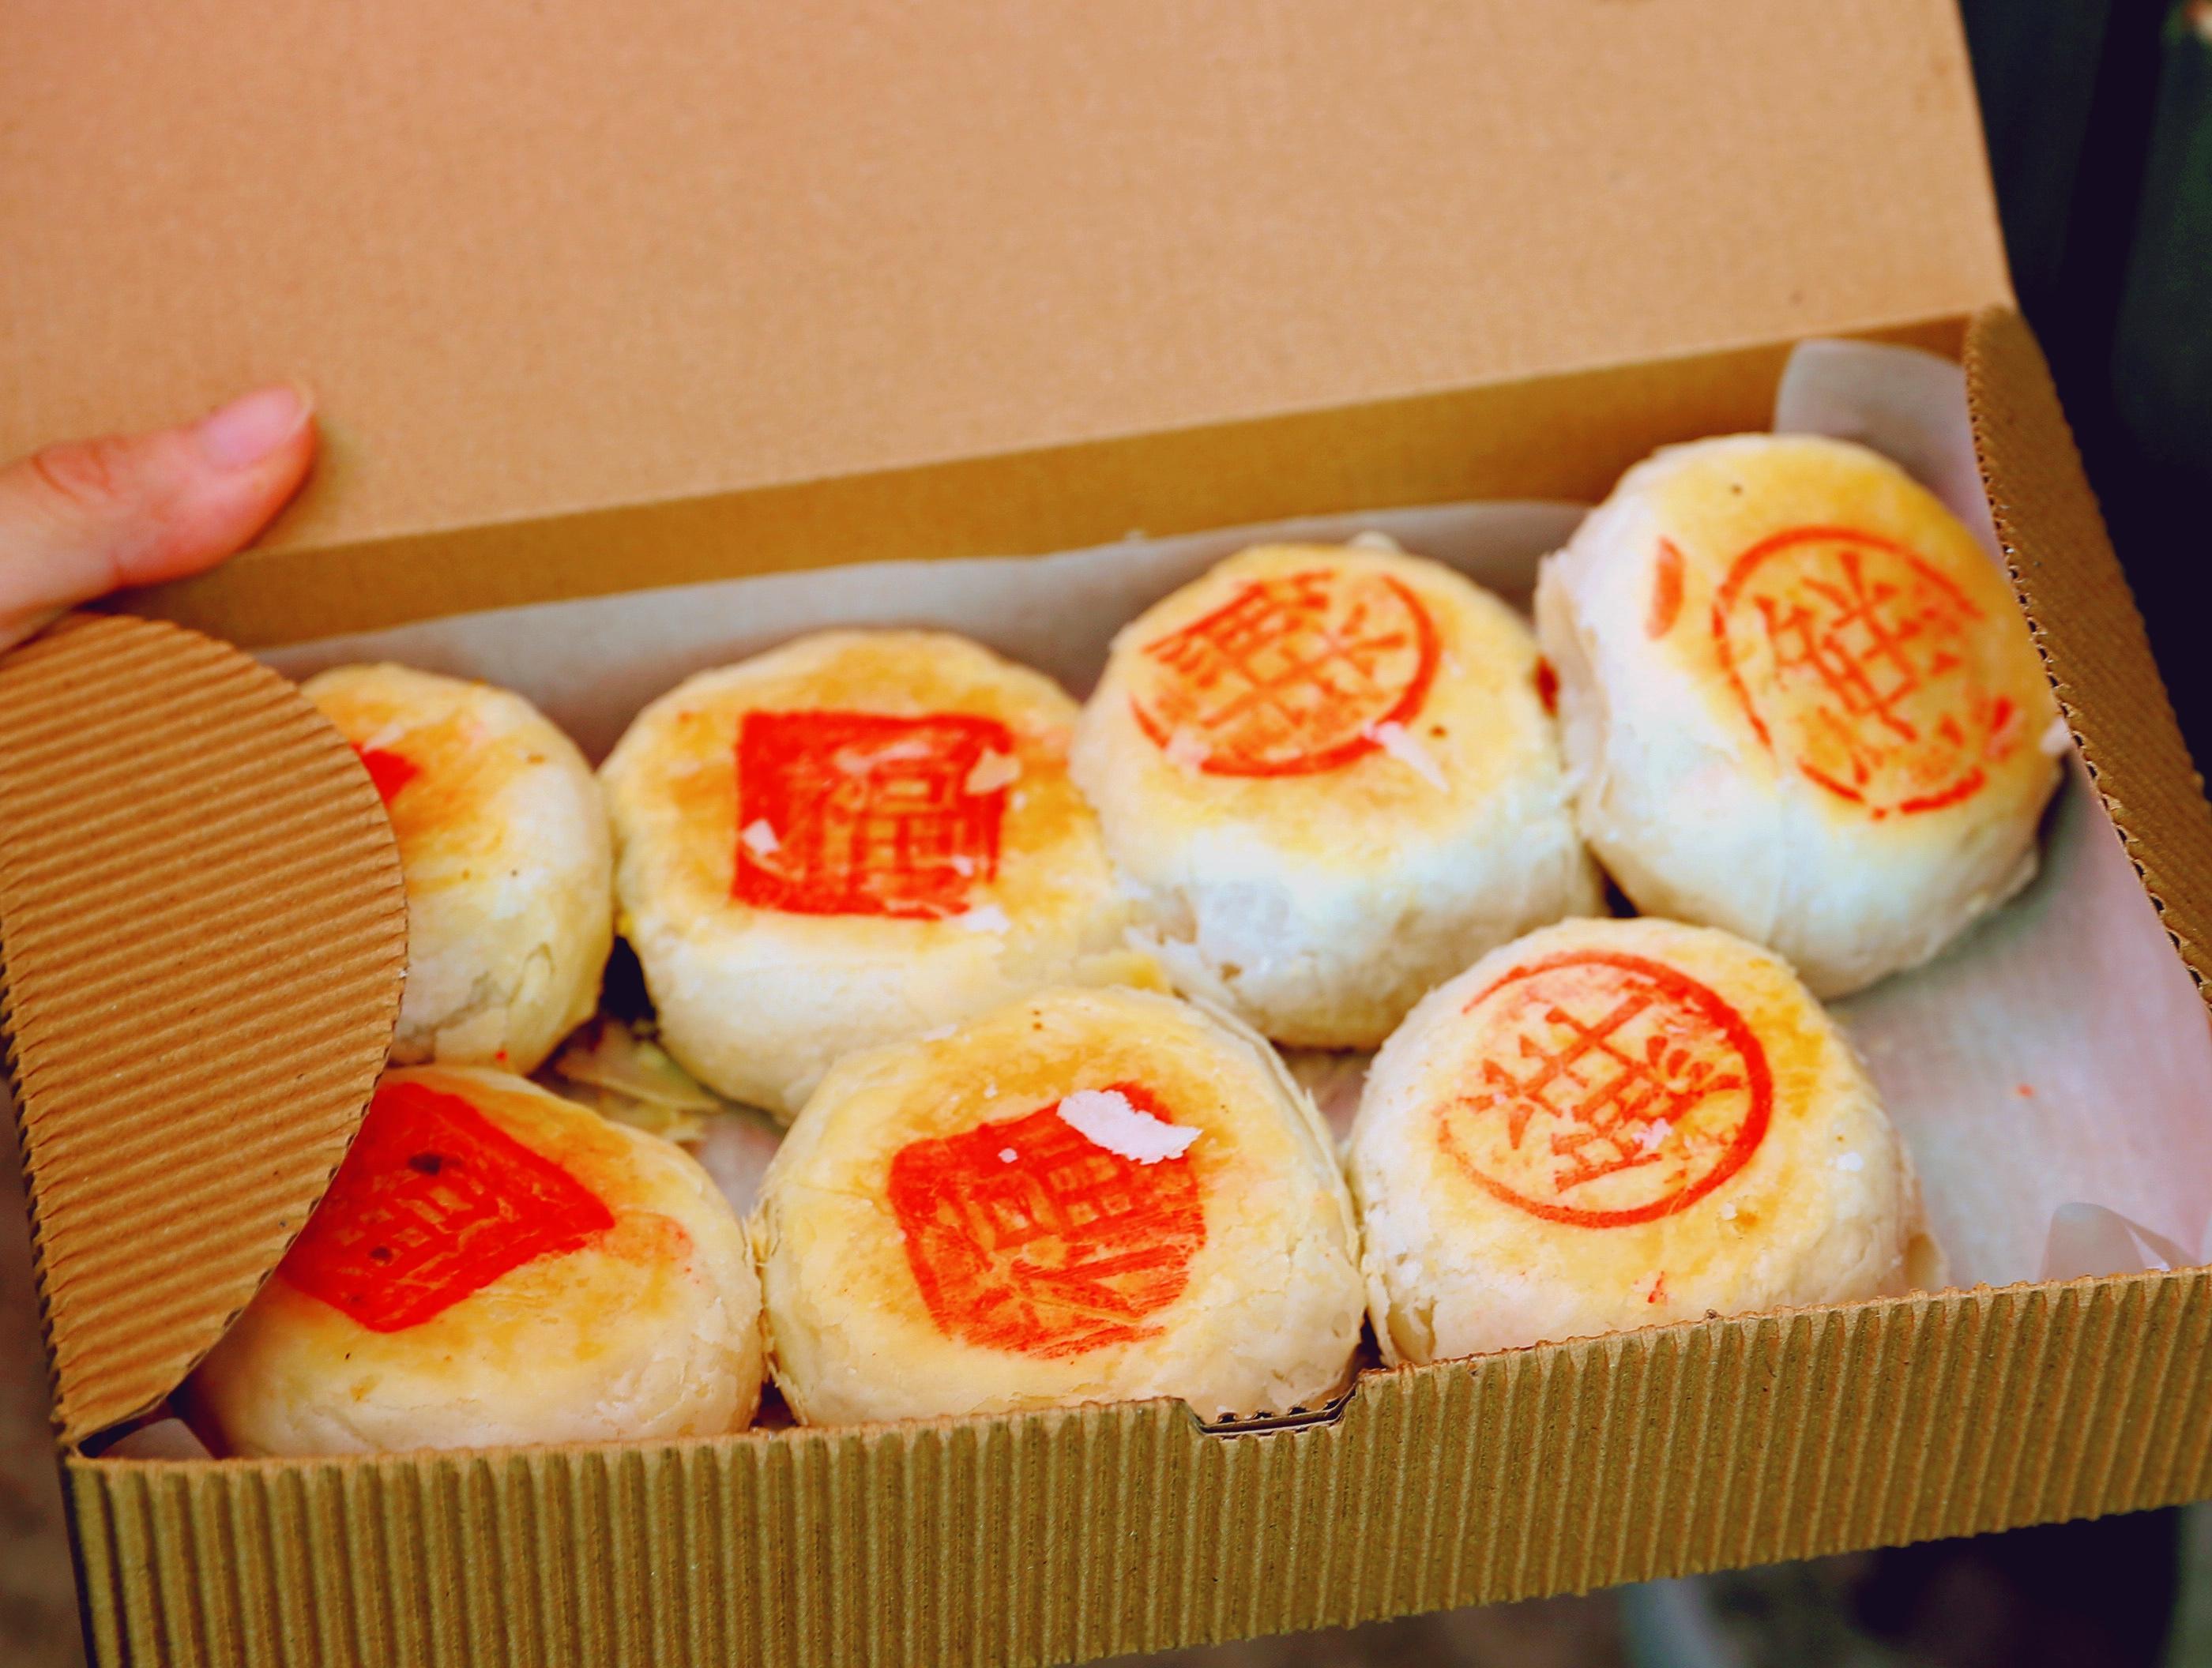 中秋節「鮮肉月餅」の販売ピークに 上海